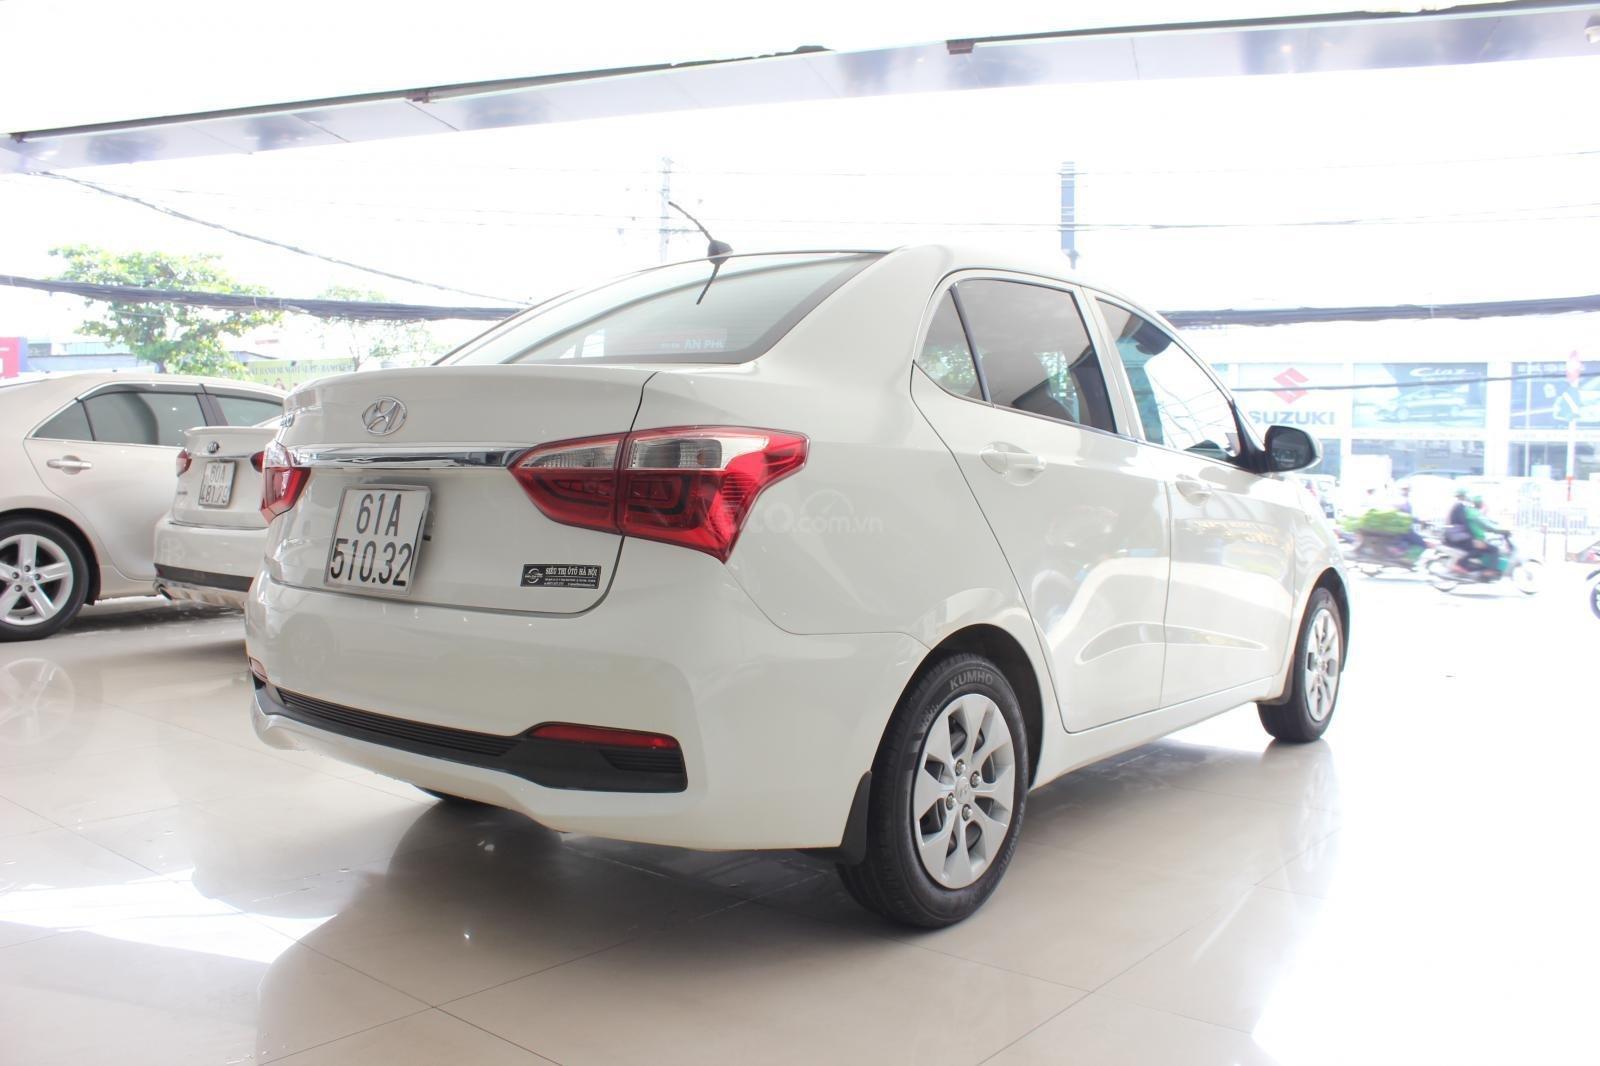 Cần bán xe Hyundai Grand i10 1.2 MT, năm 2018, màu trắng, giá 335tr (5)